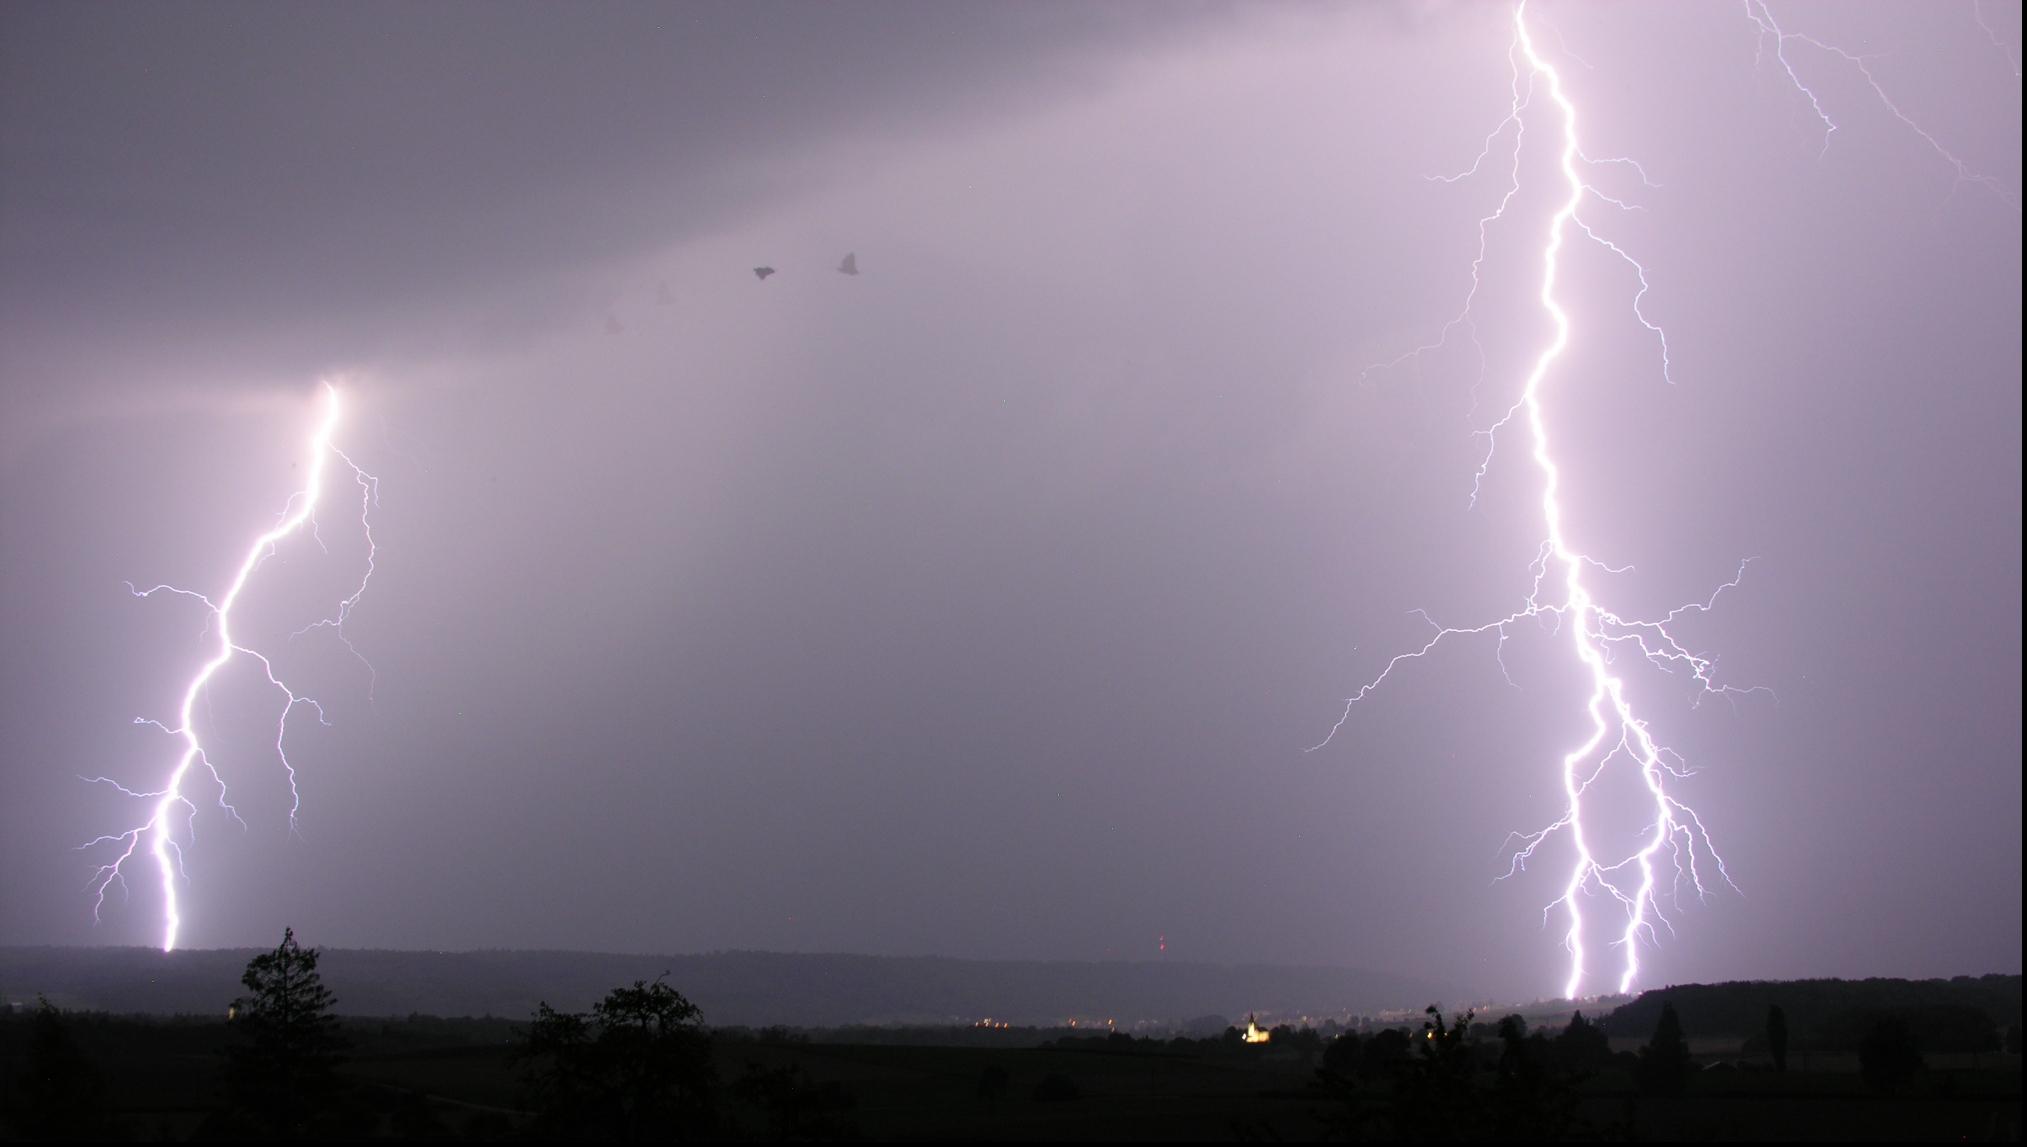 COD GALBEN de furtună şi grindină în mai multe judeţe ale ţării. Zonele afectate